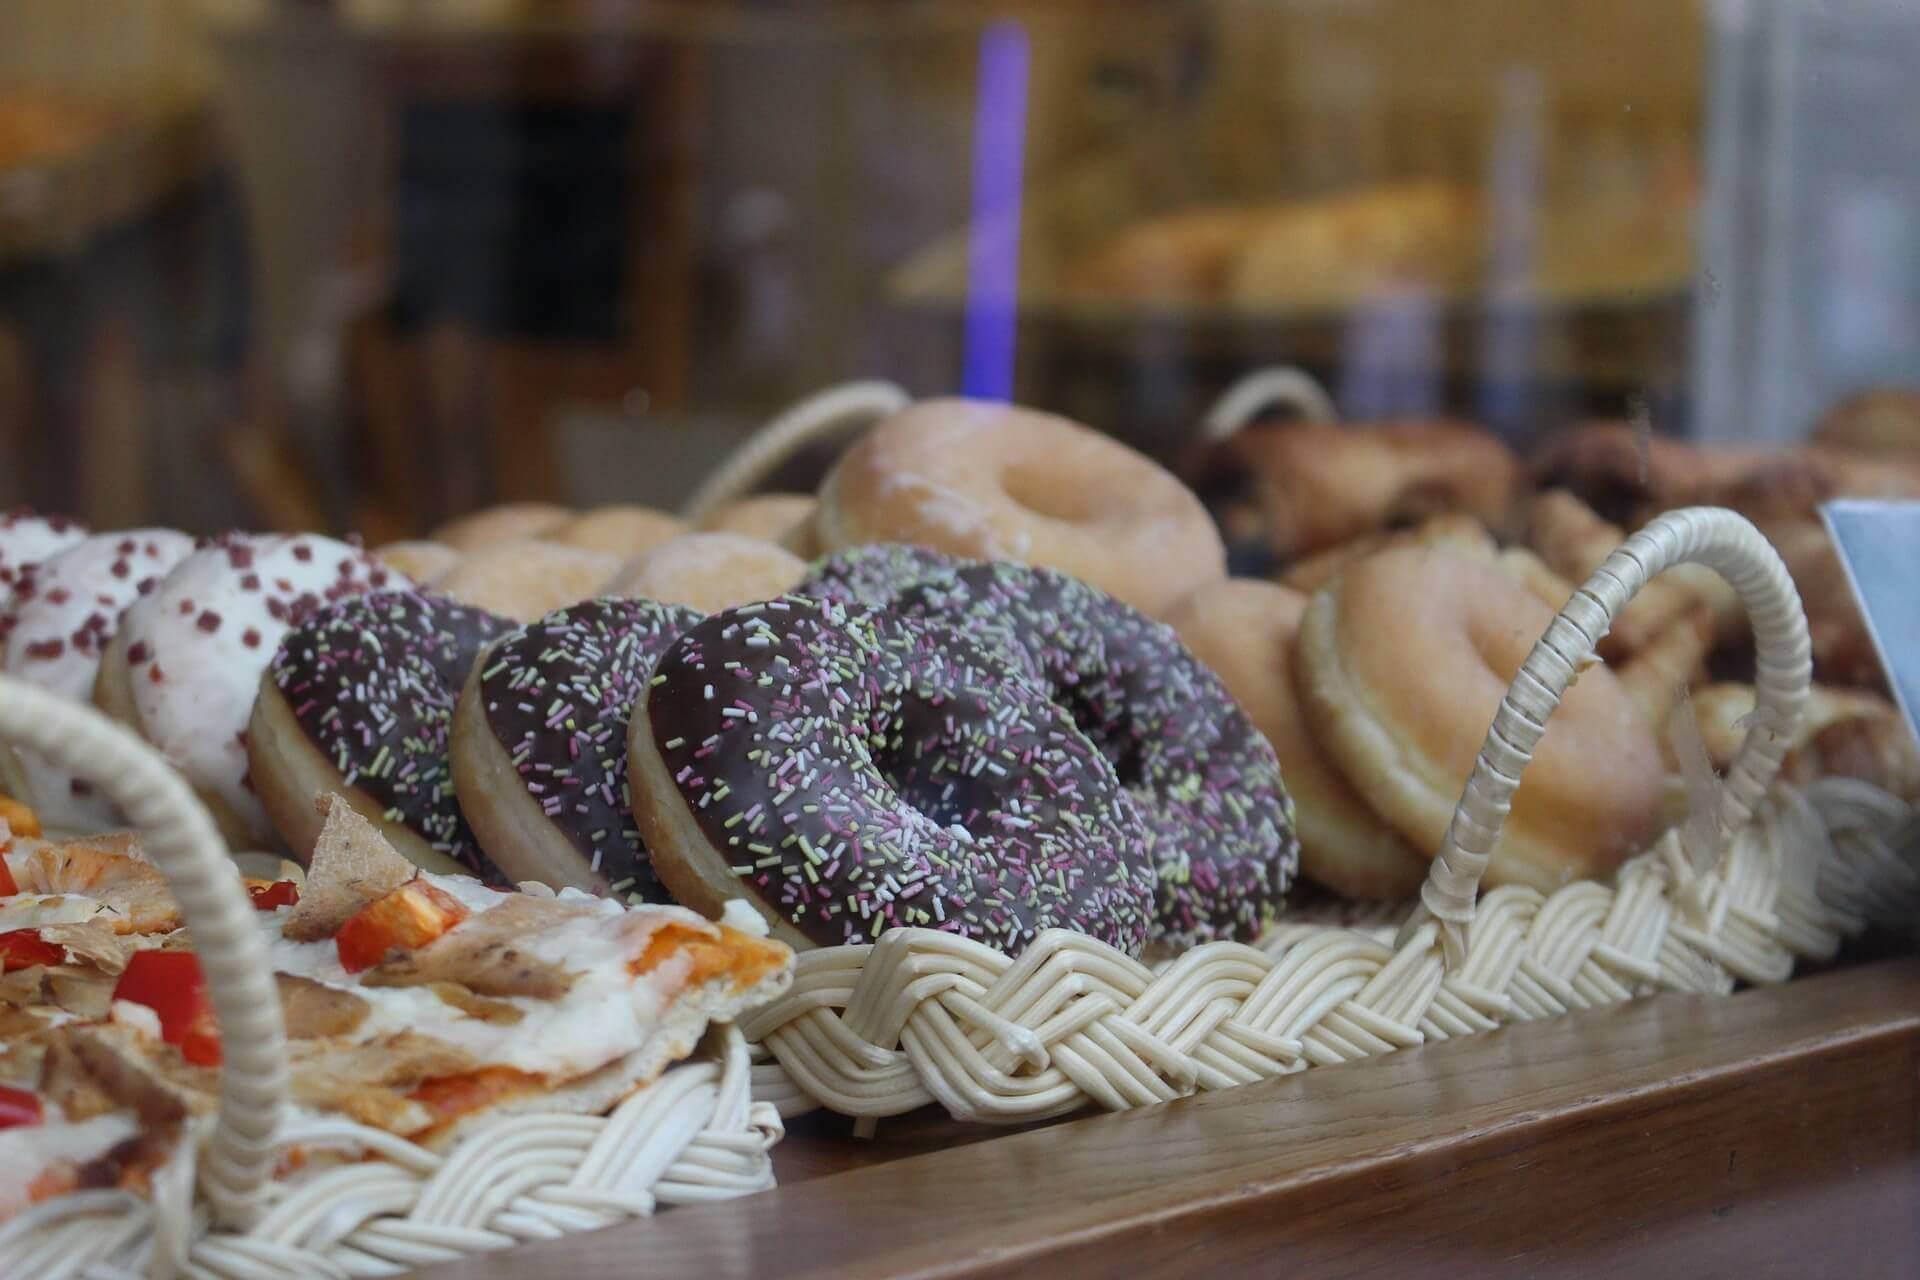 sokeripitoiset ruoat aiheuttavat ahdistusta